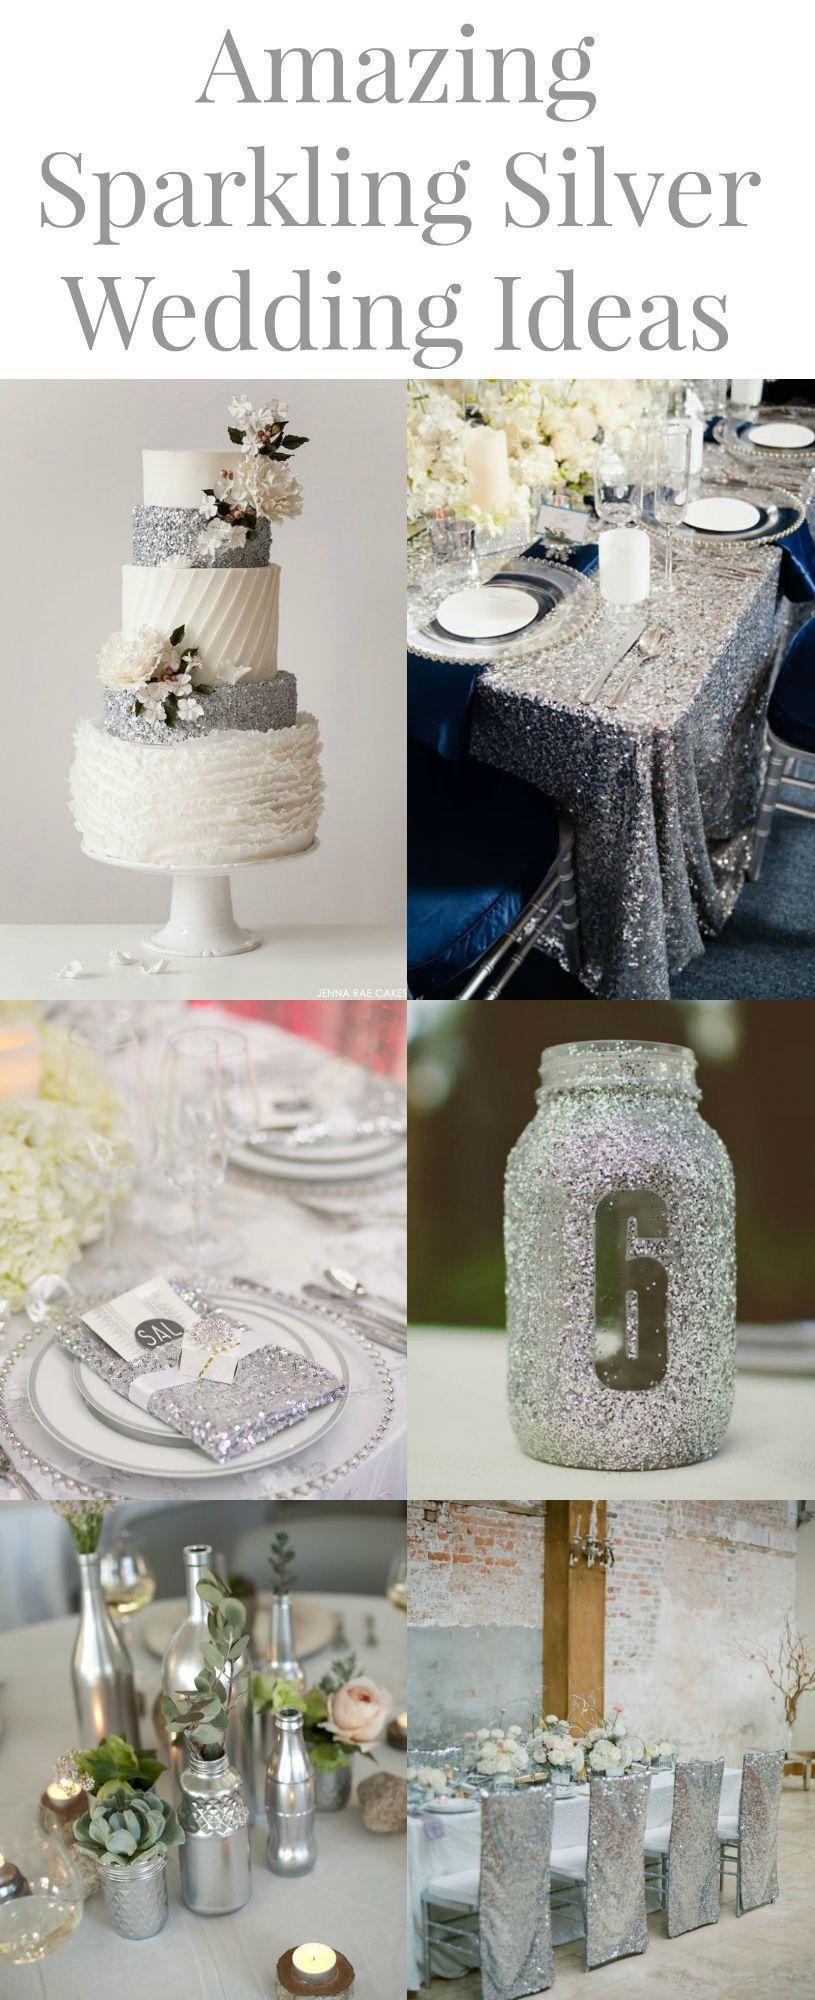 15 Silver Wedding Ideas Rustic Wedding Chic Wedding Anniversary Decorations Silver Wedding Decorations Silver Wedding Theme